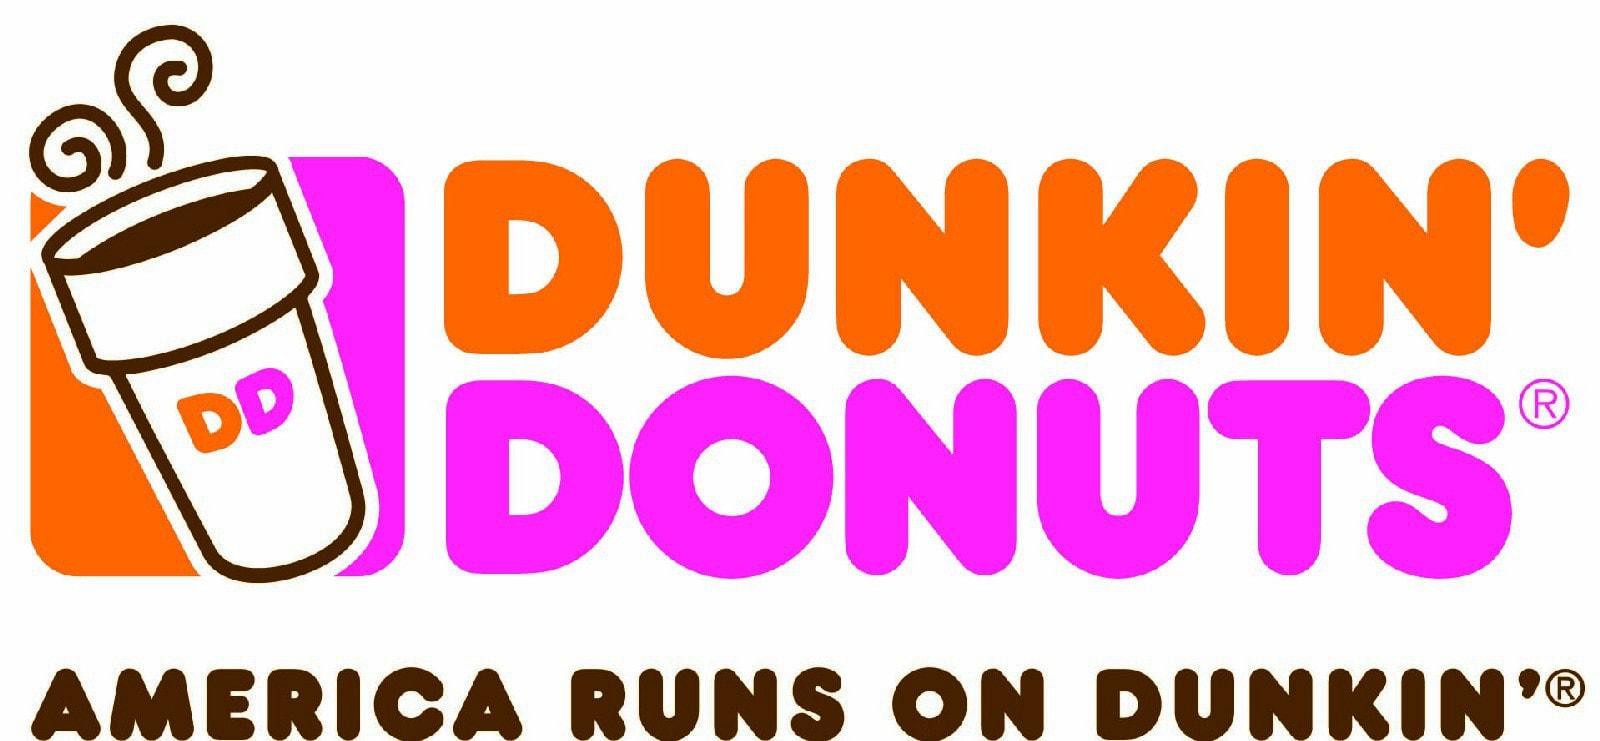 Dunkin' Donuts – America Runs on Dunkin'